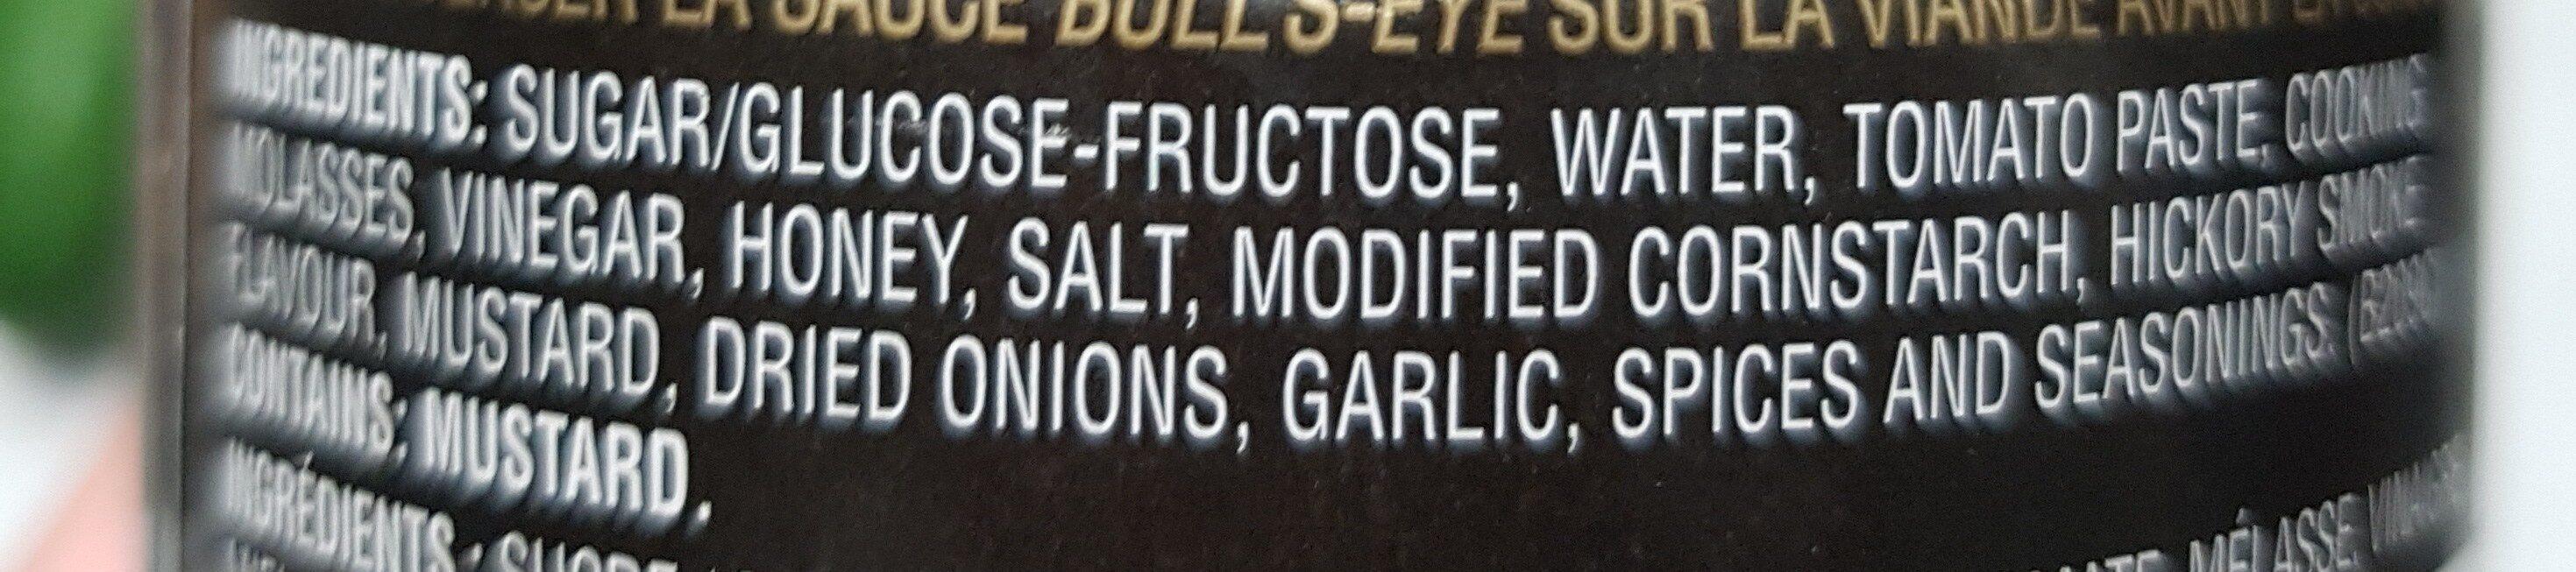 Honey garlic BBQ sauce - Ingredients - en